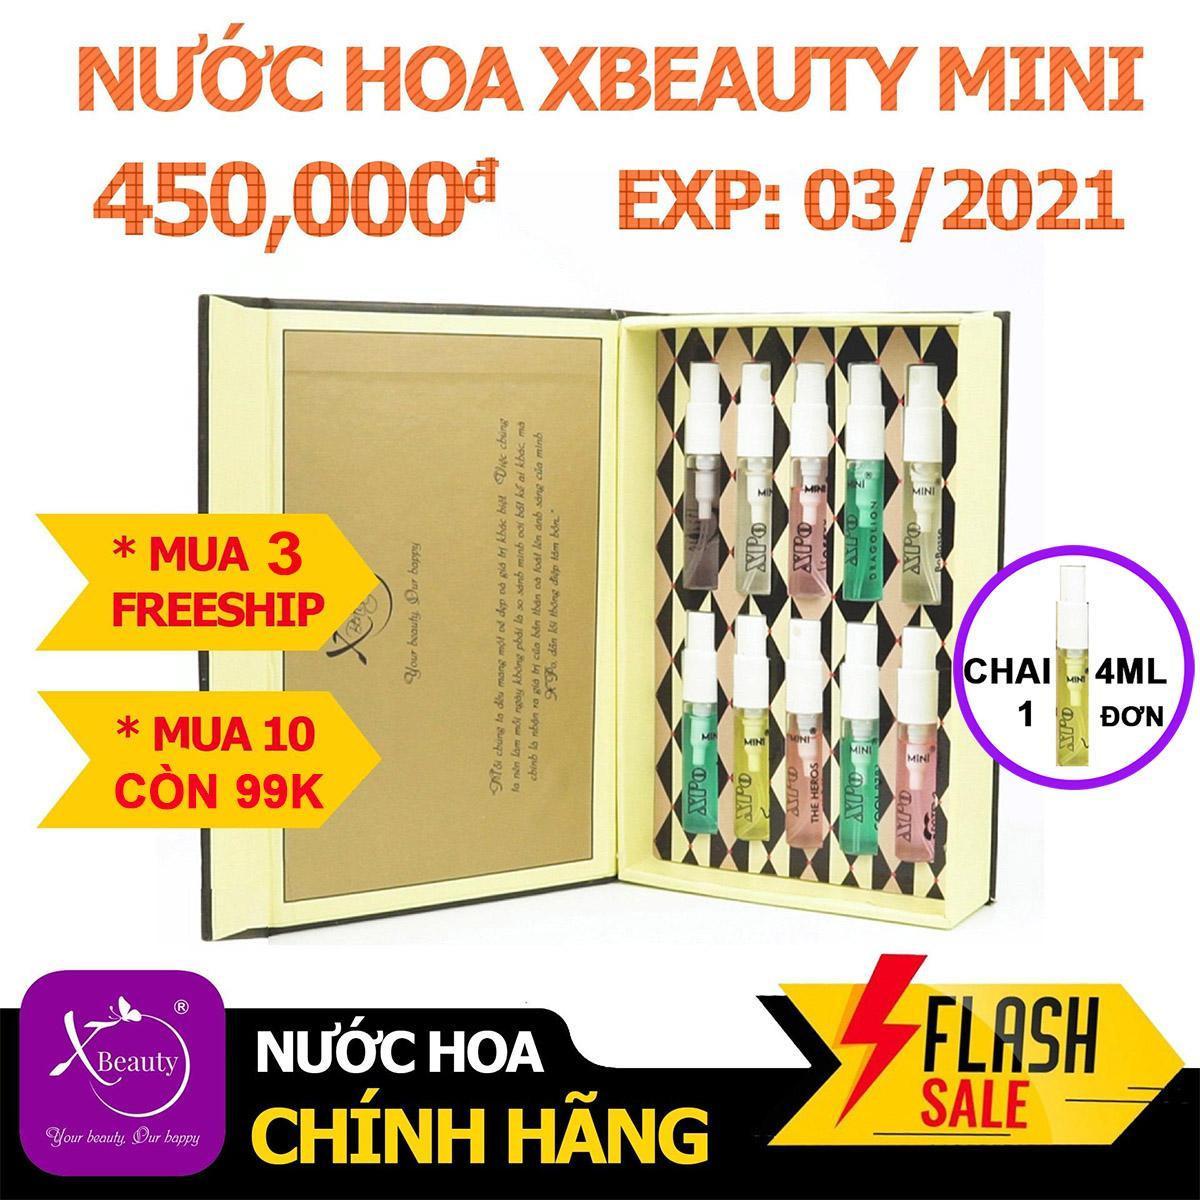 Nước hoa Nam Nữ XBeauty XPo3 Mini (Tùy chọn 10 Mùi hương) - Nước hoa Mini cô đặc dành cho Nam và Nữ lưu hương lâu đến 12 tiếng. Lưu Ý Mua Một Mùi Là Một Chai 4ML. Mua 10 mùi sẽ được gói trong hộp vàng như ảnh bìa. nhập khẩu